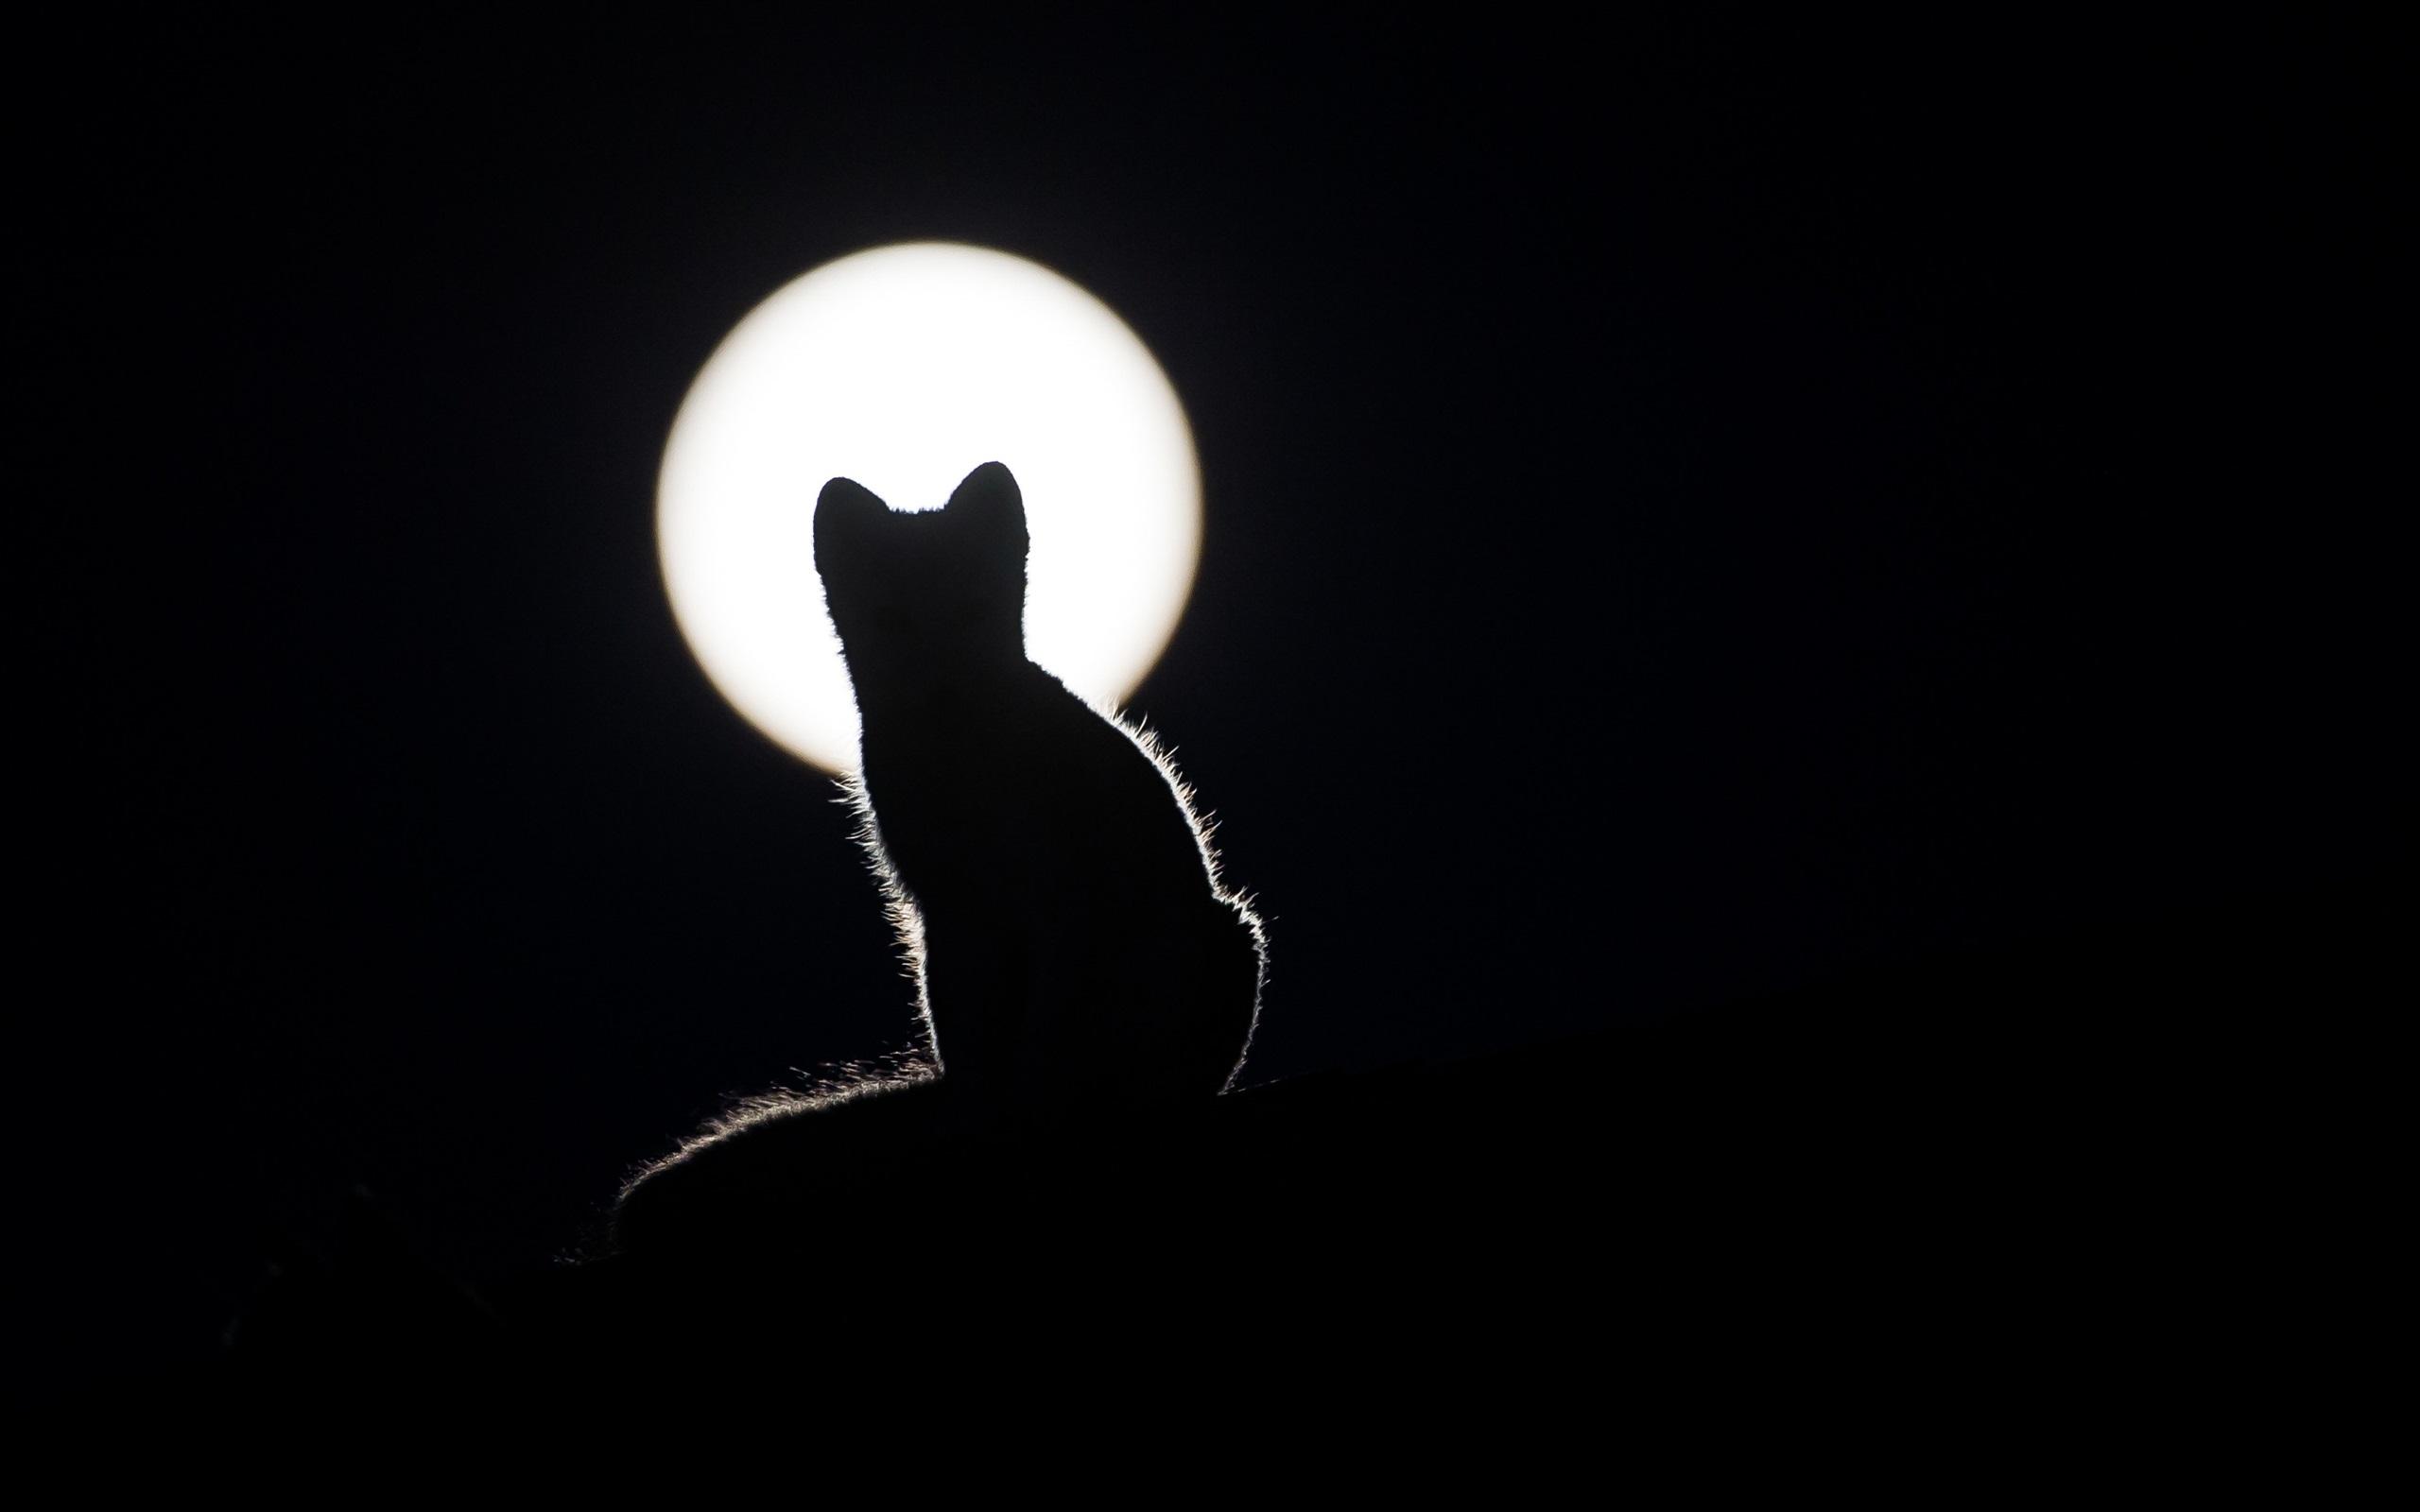 Katzenschattenbild Nacht Mond Dunkelheit 2880x1800 Hd